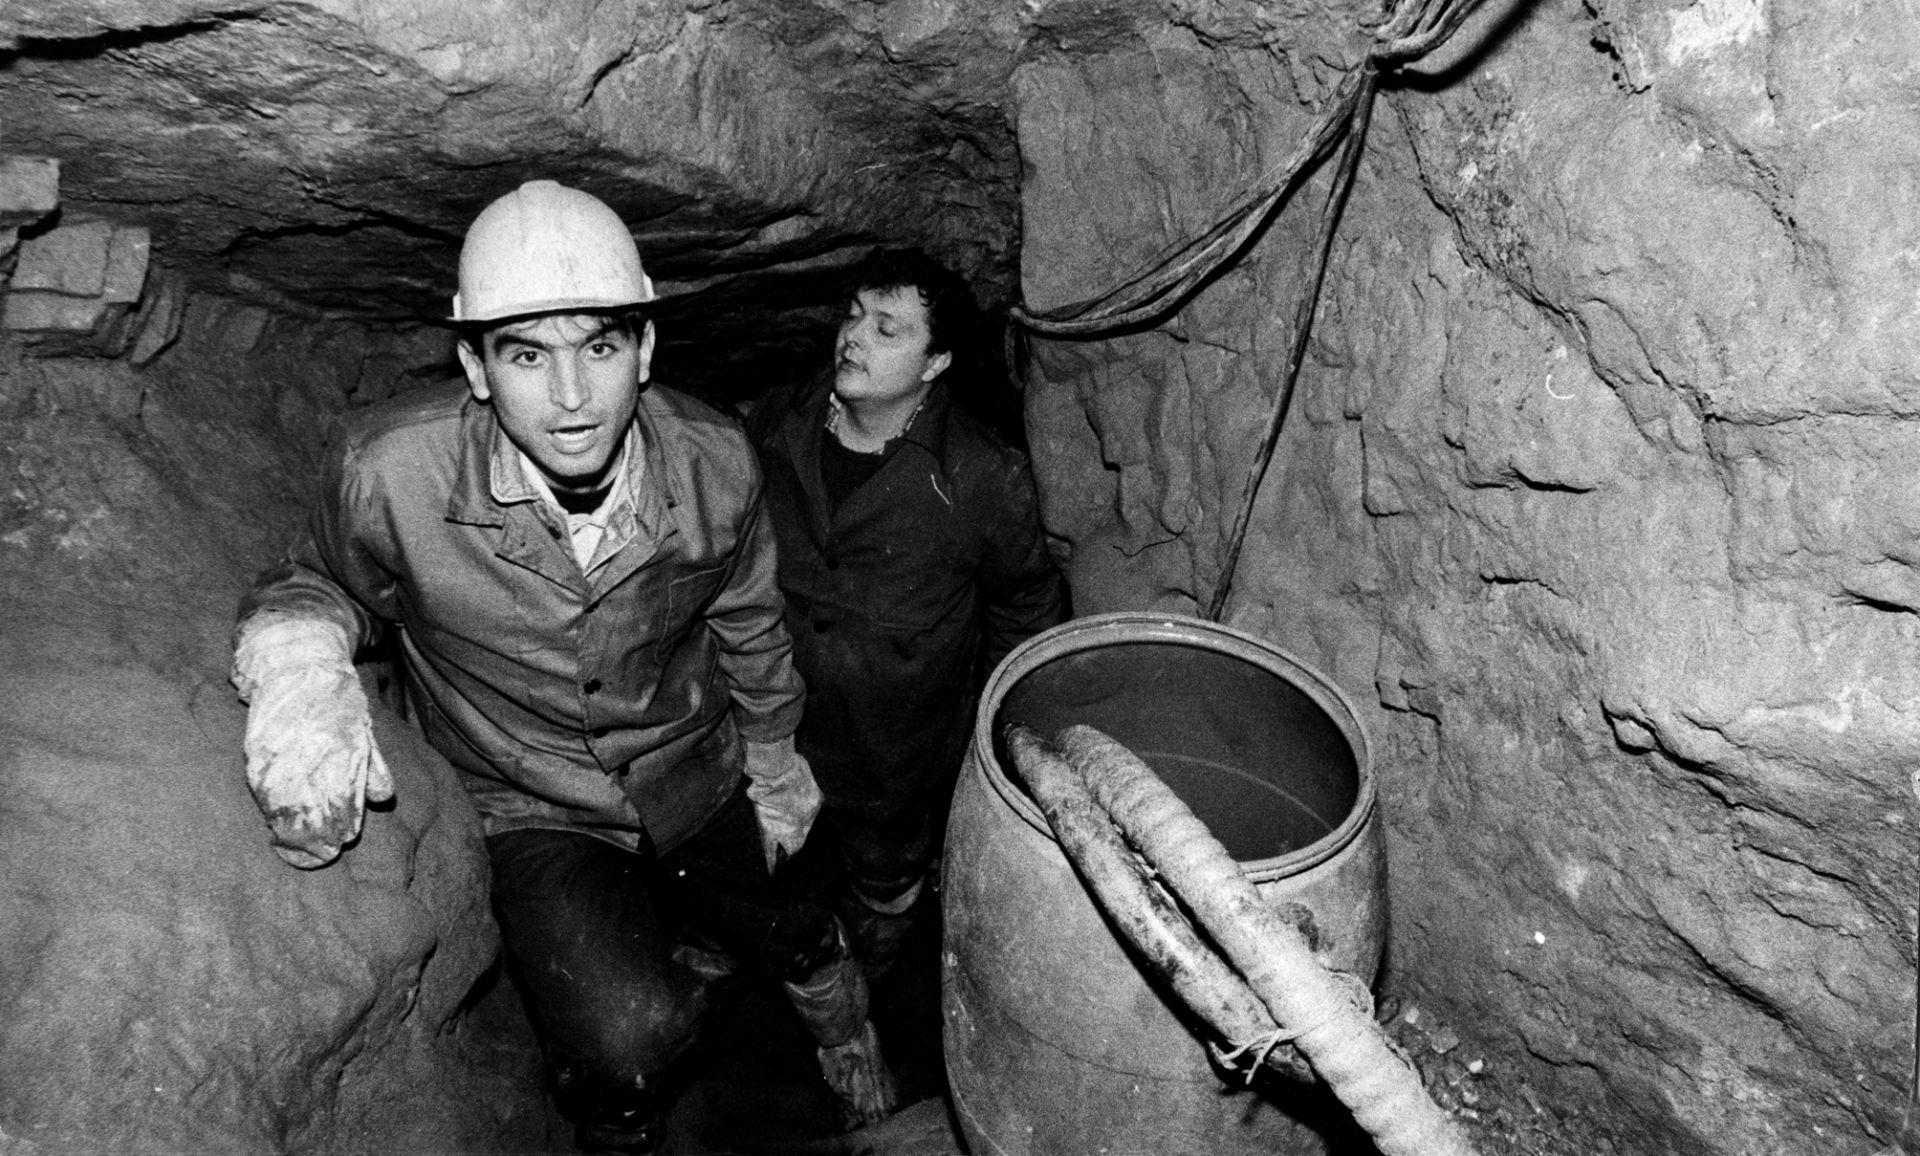 Димитър Статков и Георги Илиев - на прощална среща с дупката, за която пишат в продължение на месеци